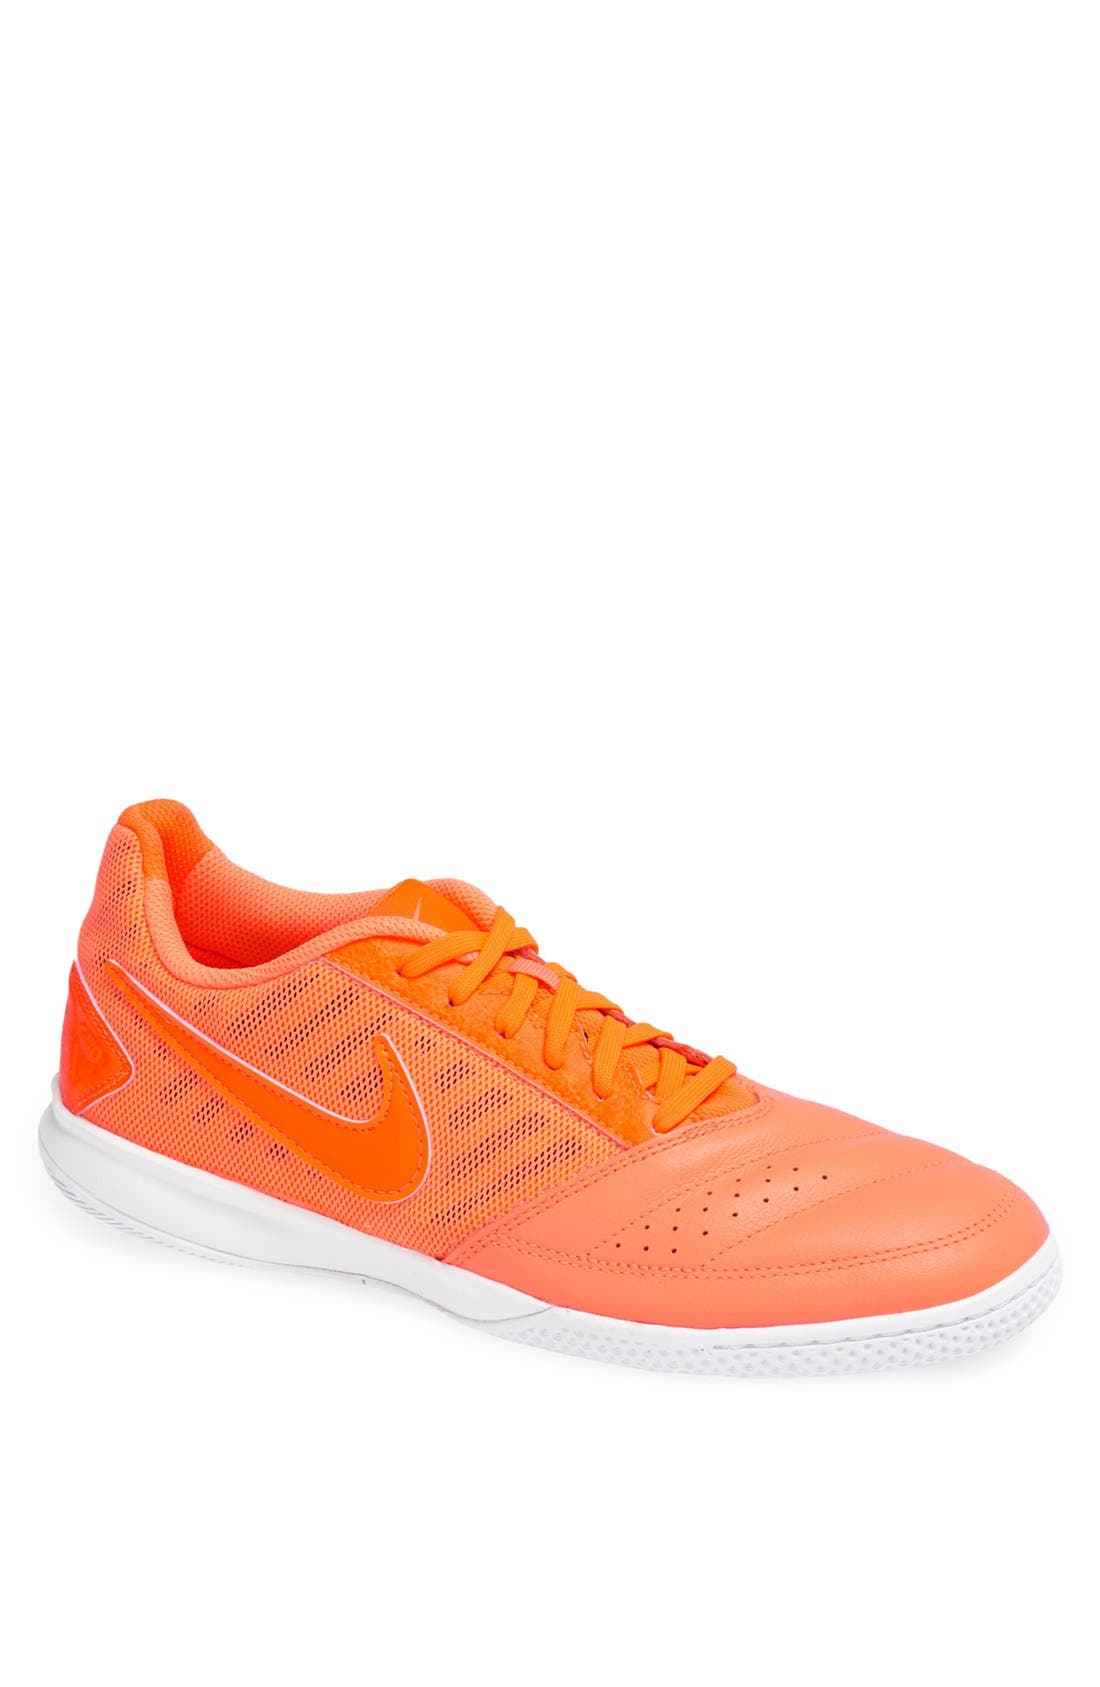 Main Image - Nike 'Gato II' Soccer Shoe (Men)